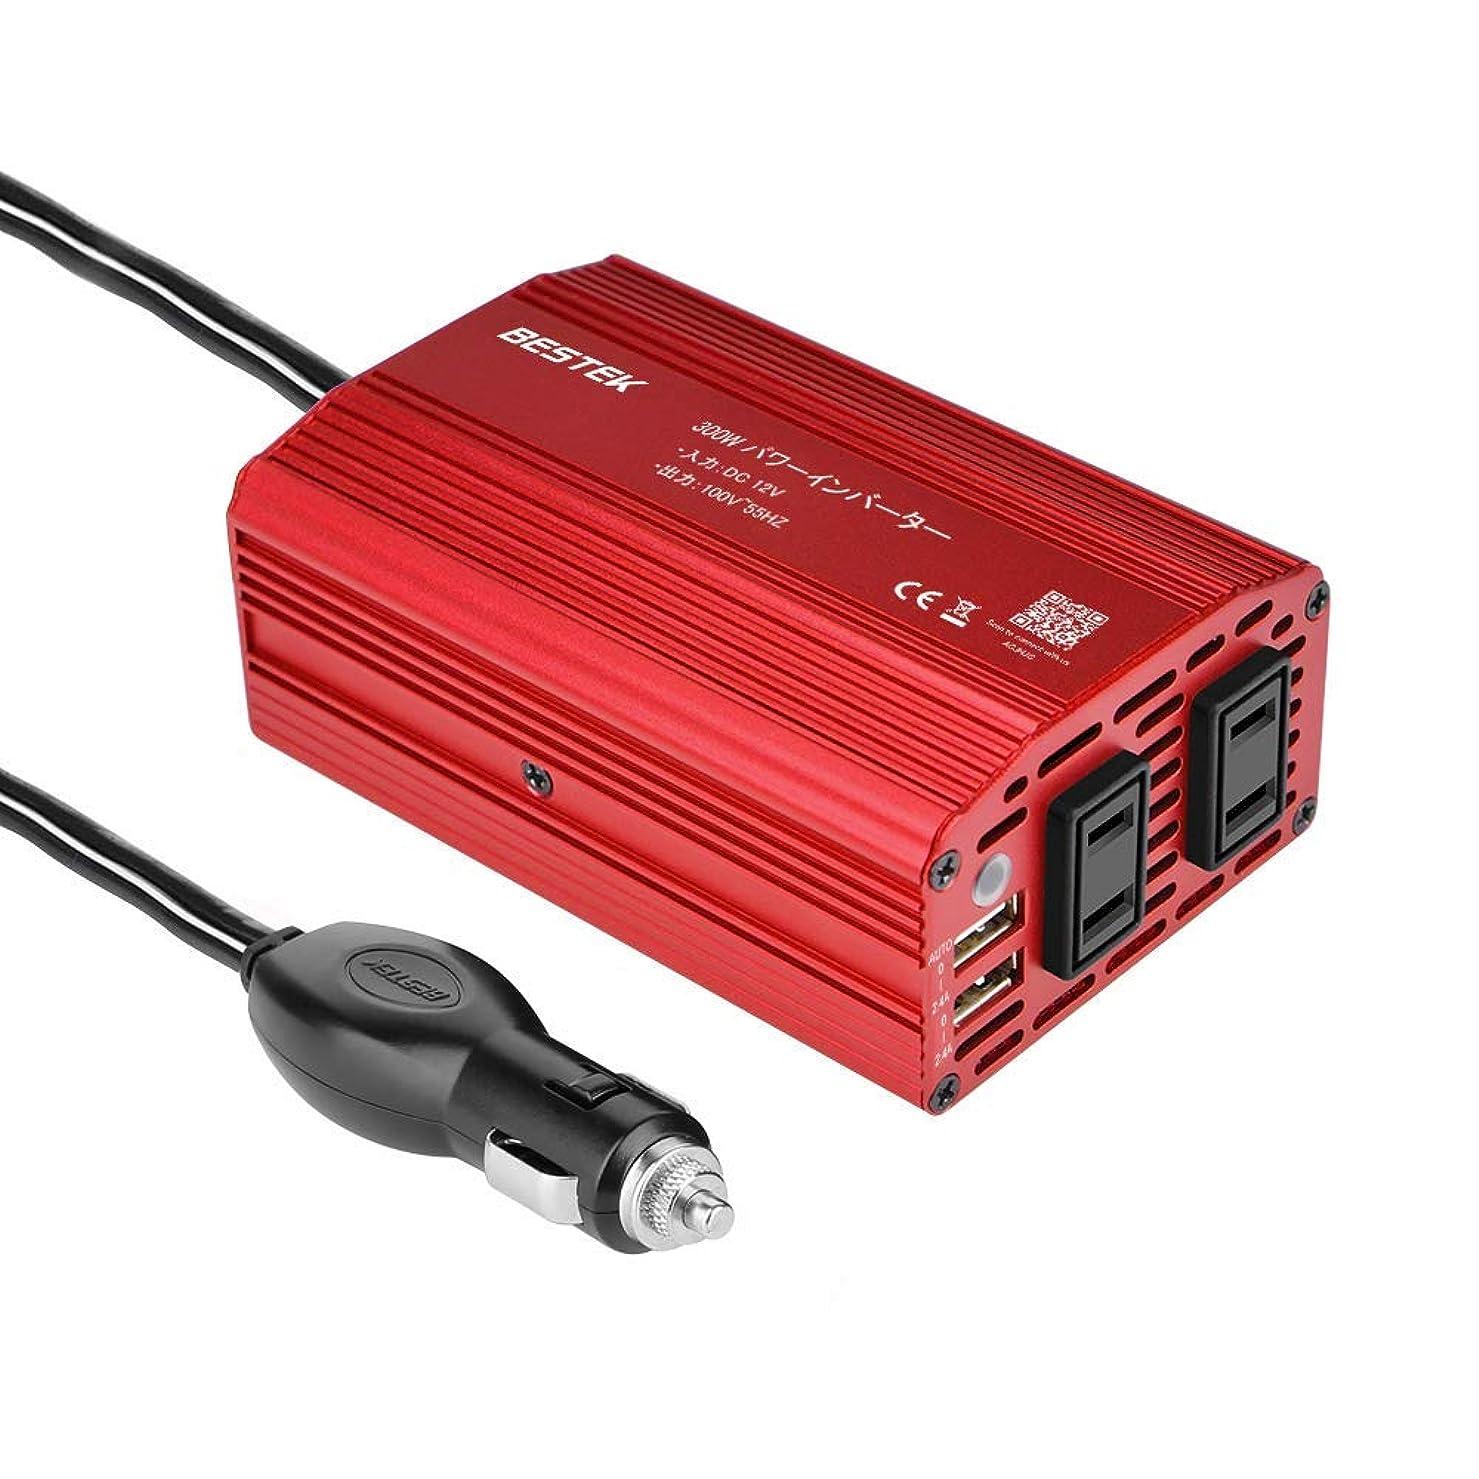 傷つきやすい法令改革BESTEK カーインバーター 300W シガーソケット 車載充電器 USB 2ポート ACコンセント 2口 DC12VをAC100Vに変換 MRI3010BU-E04(バッテリー接続コードなし)